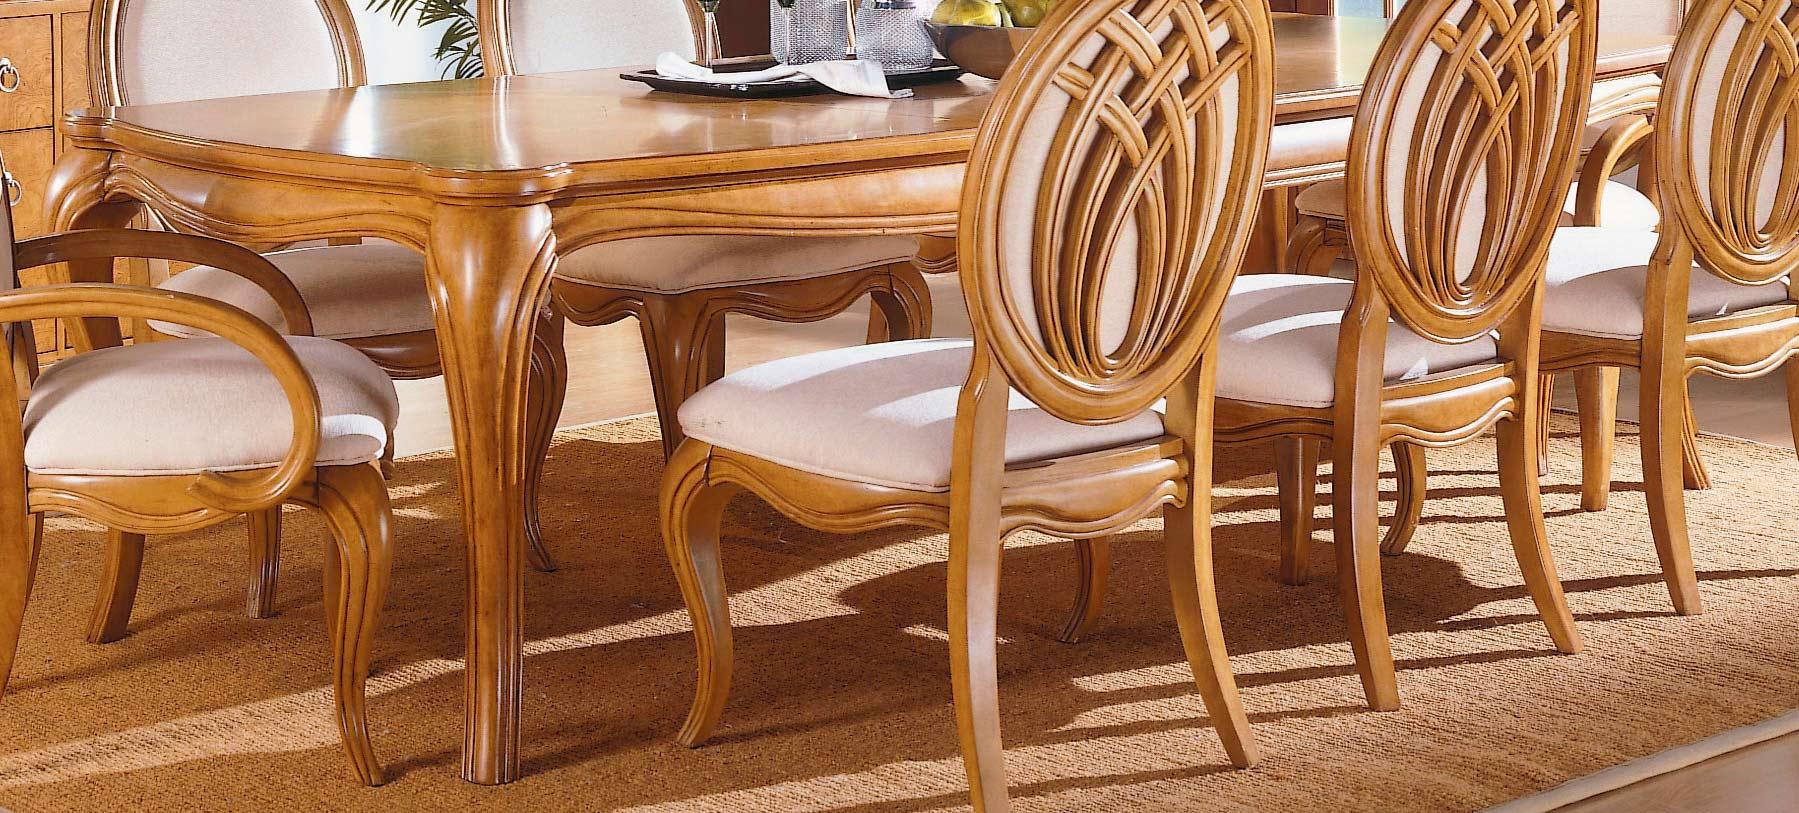 Homelegance Maltese Leg Dining Table